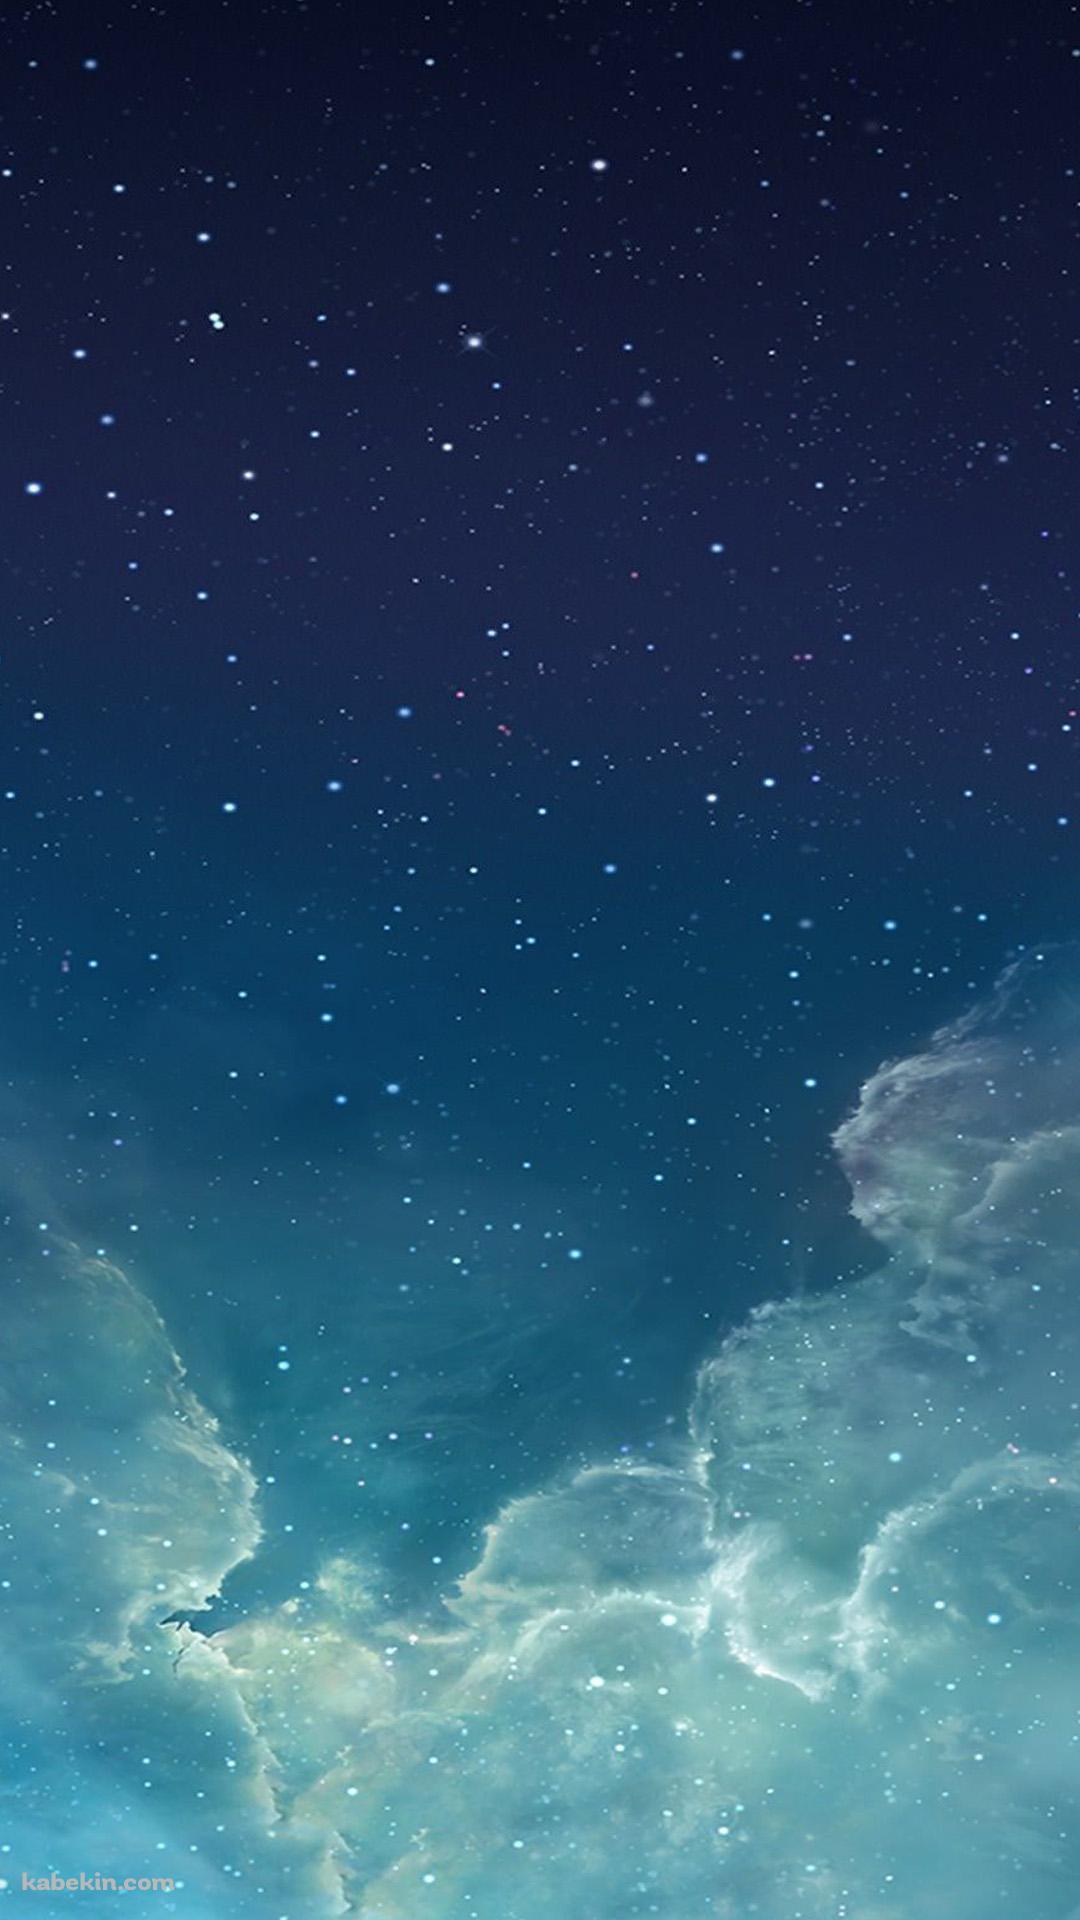 水色の星空のandroid壁紙 1080 X 19 壁紙キングダム スマホ版